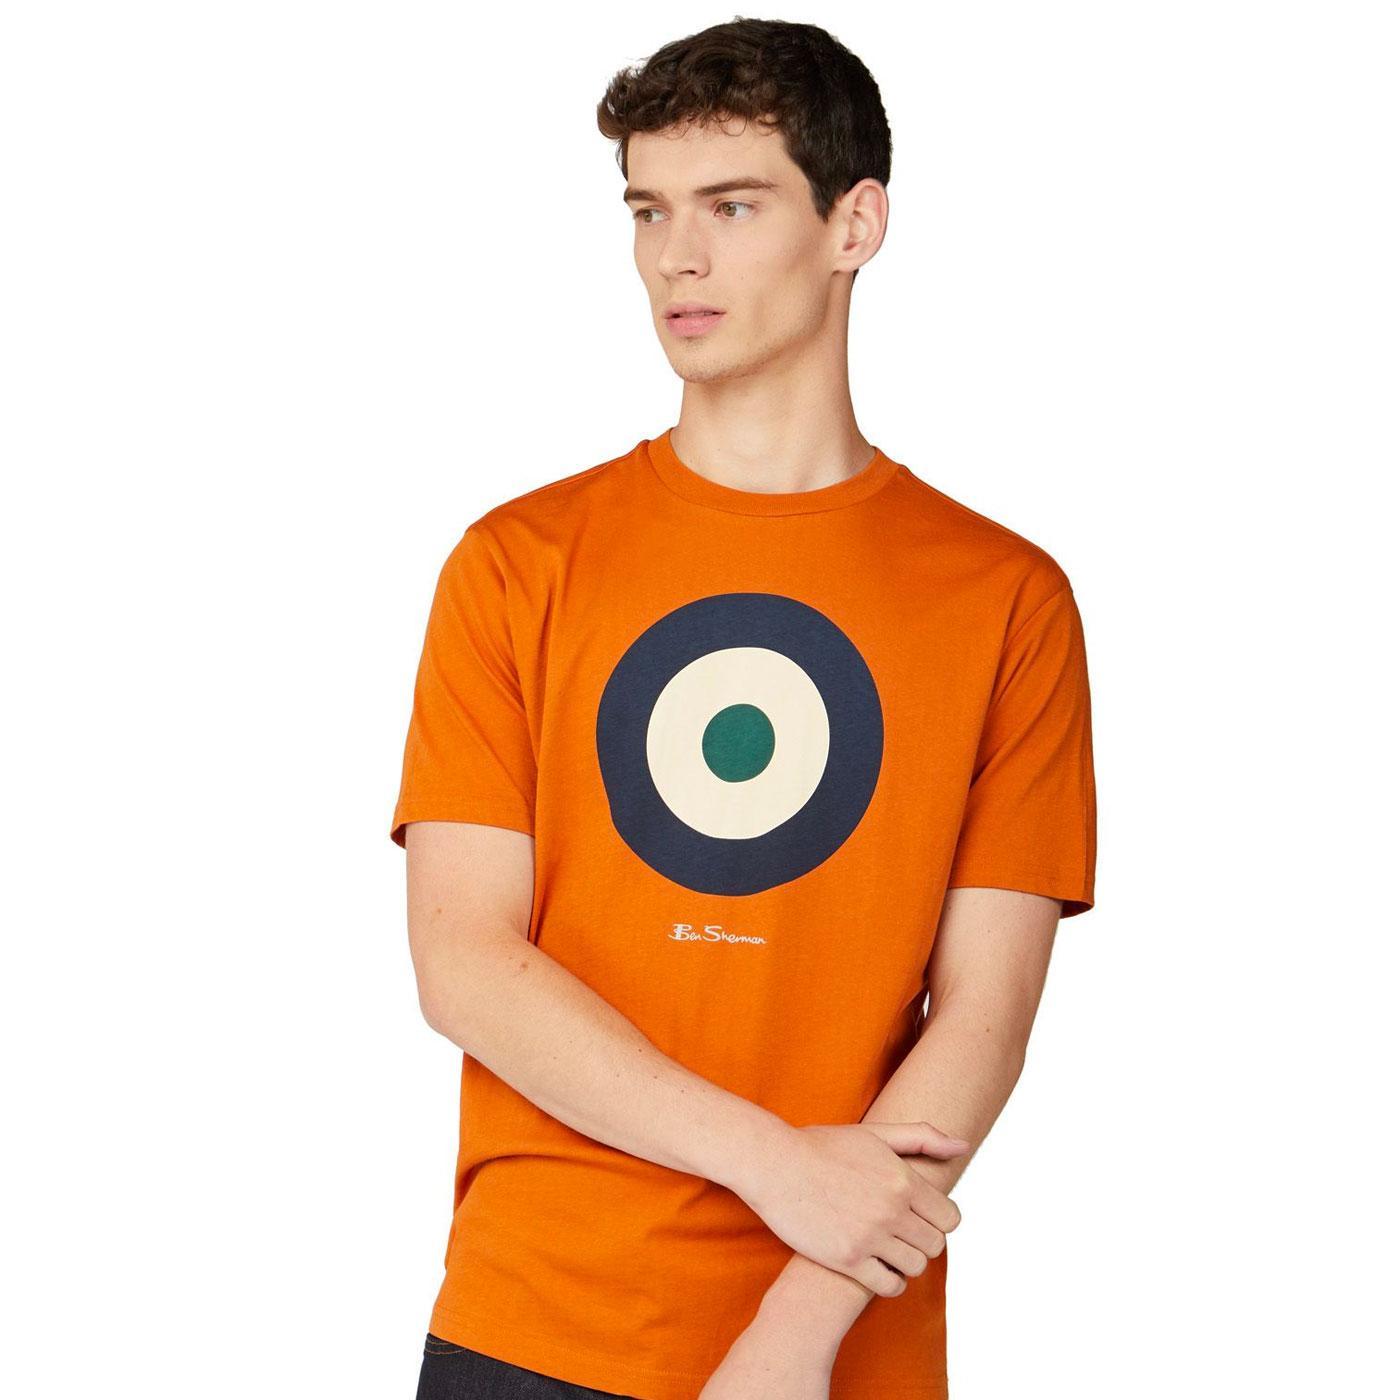 BEN SHERMAN Retro 1960s Mod Target Tee (Orange)